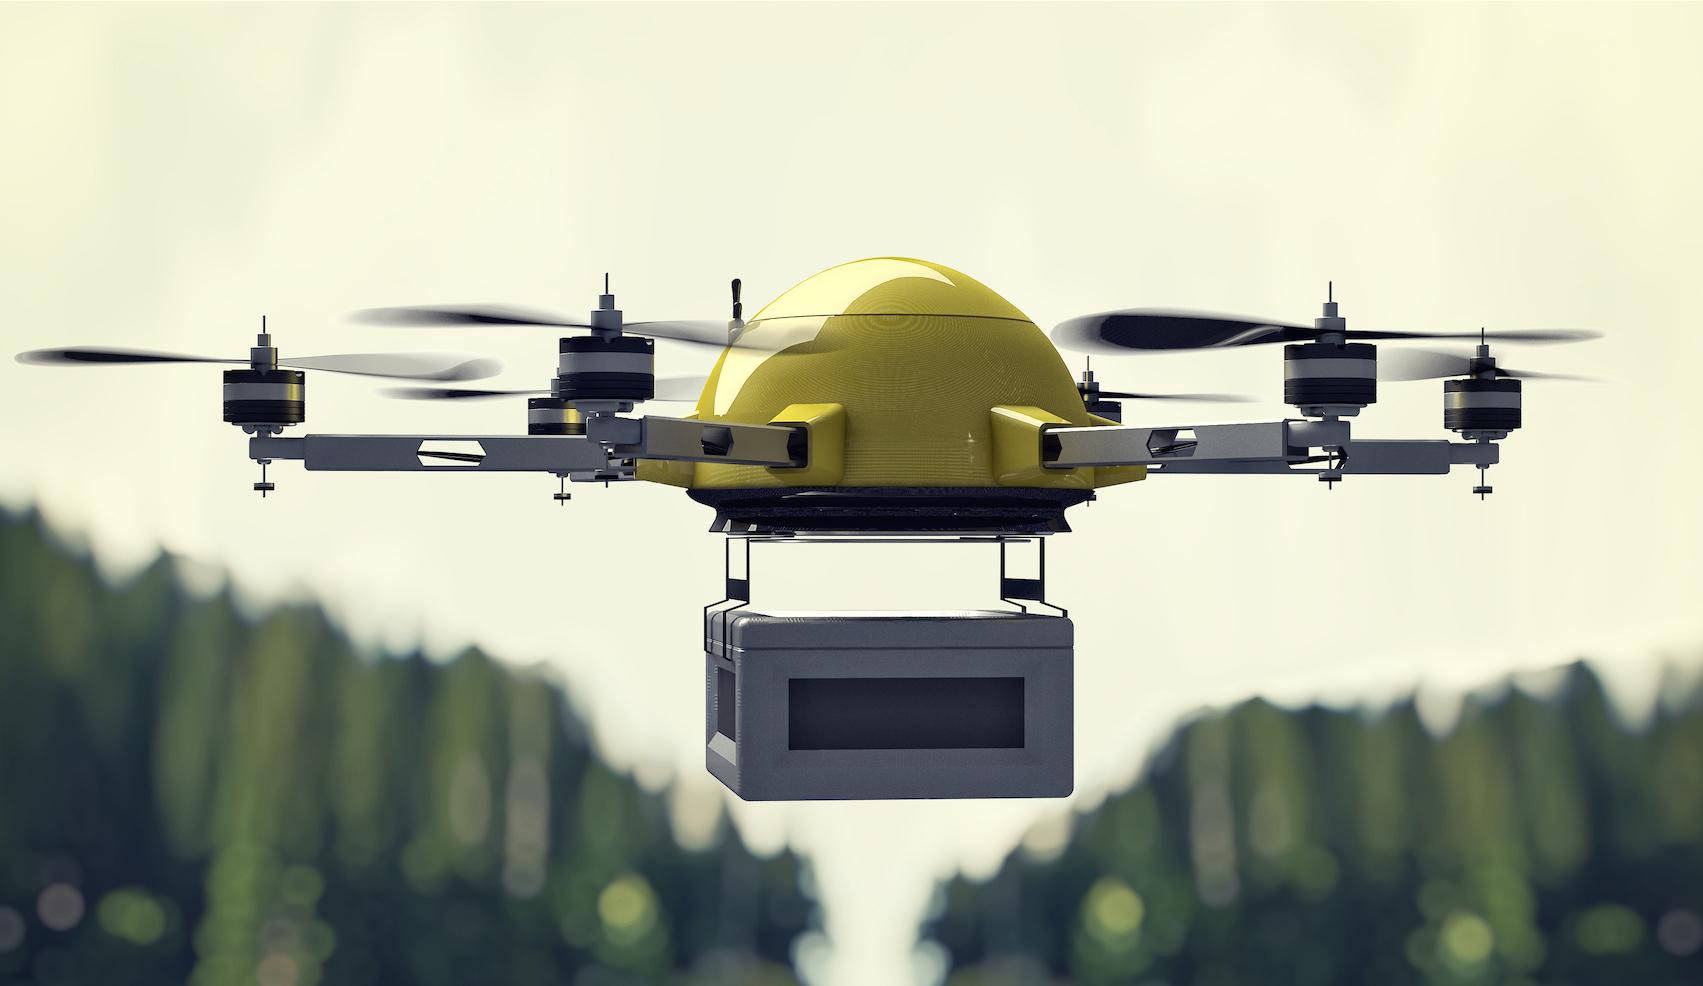 Skyfront Drone, Credit: Skyfront